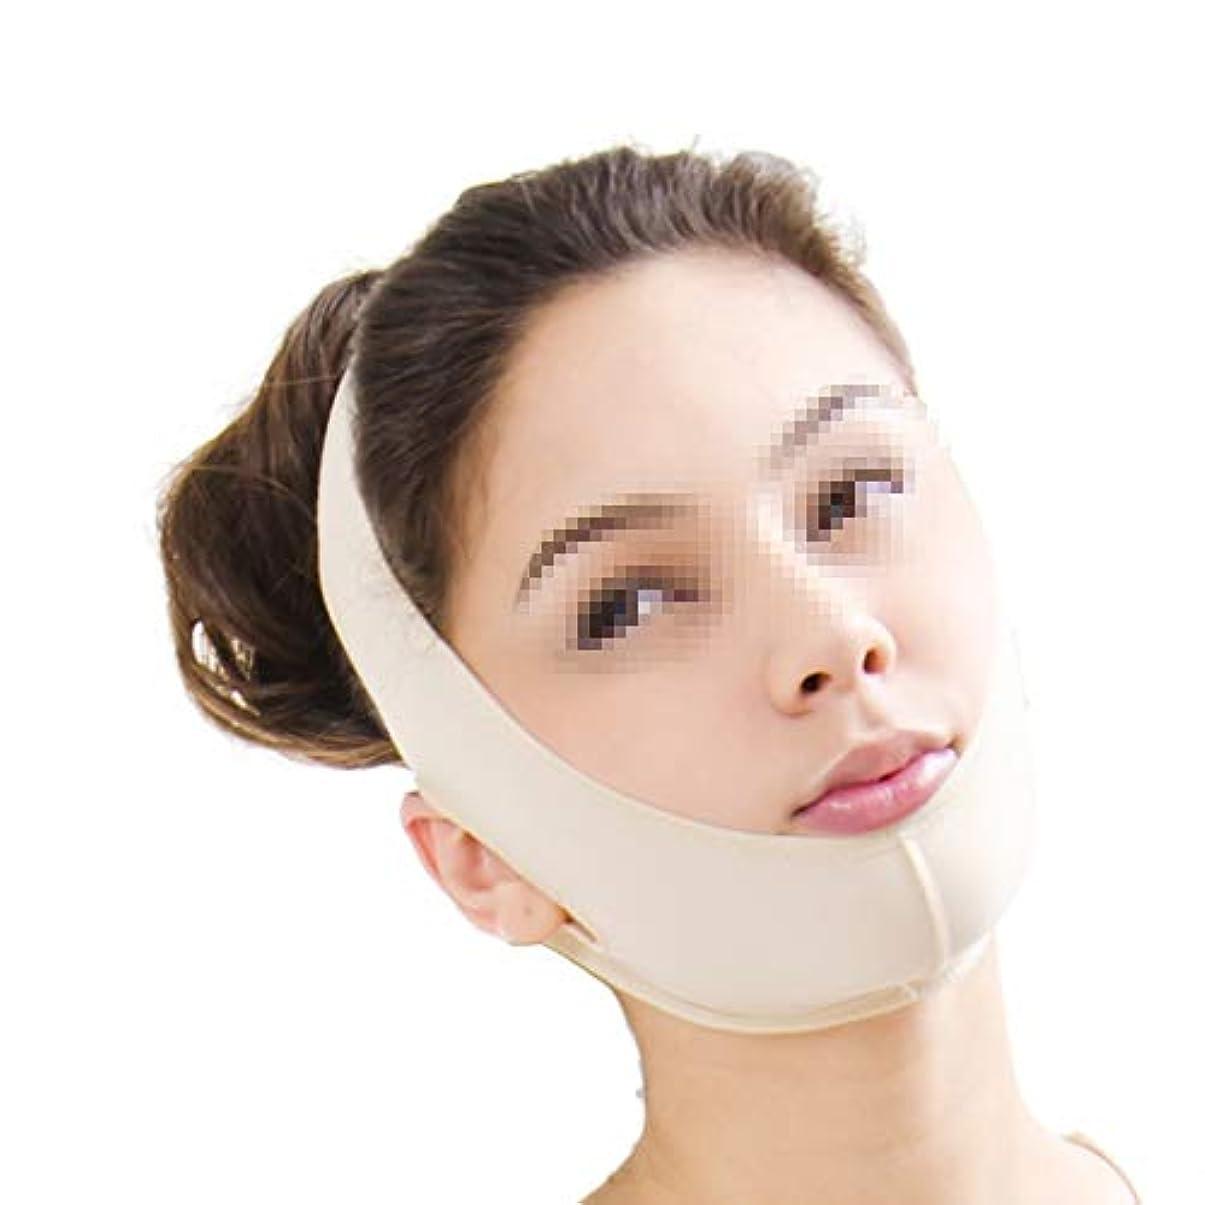 彼らは所有権アクチュエータXHLMRMJ フェイスリフトマスク、圧縮後の顎顔面二重あご化粧品脂肪吸引小さな顔包帯弾性ヘッドギア (Size : XL)